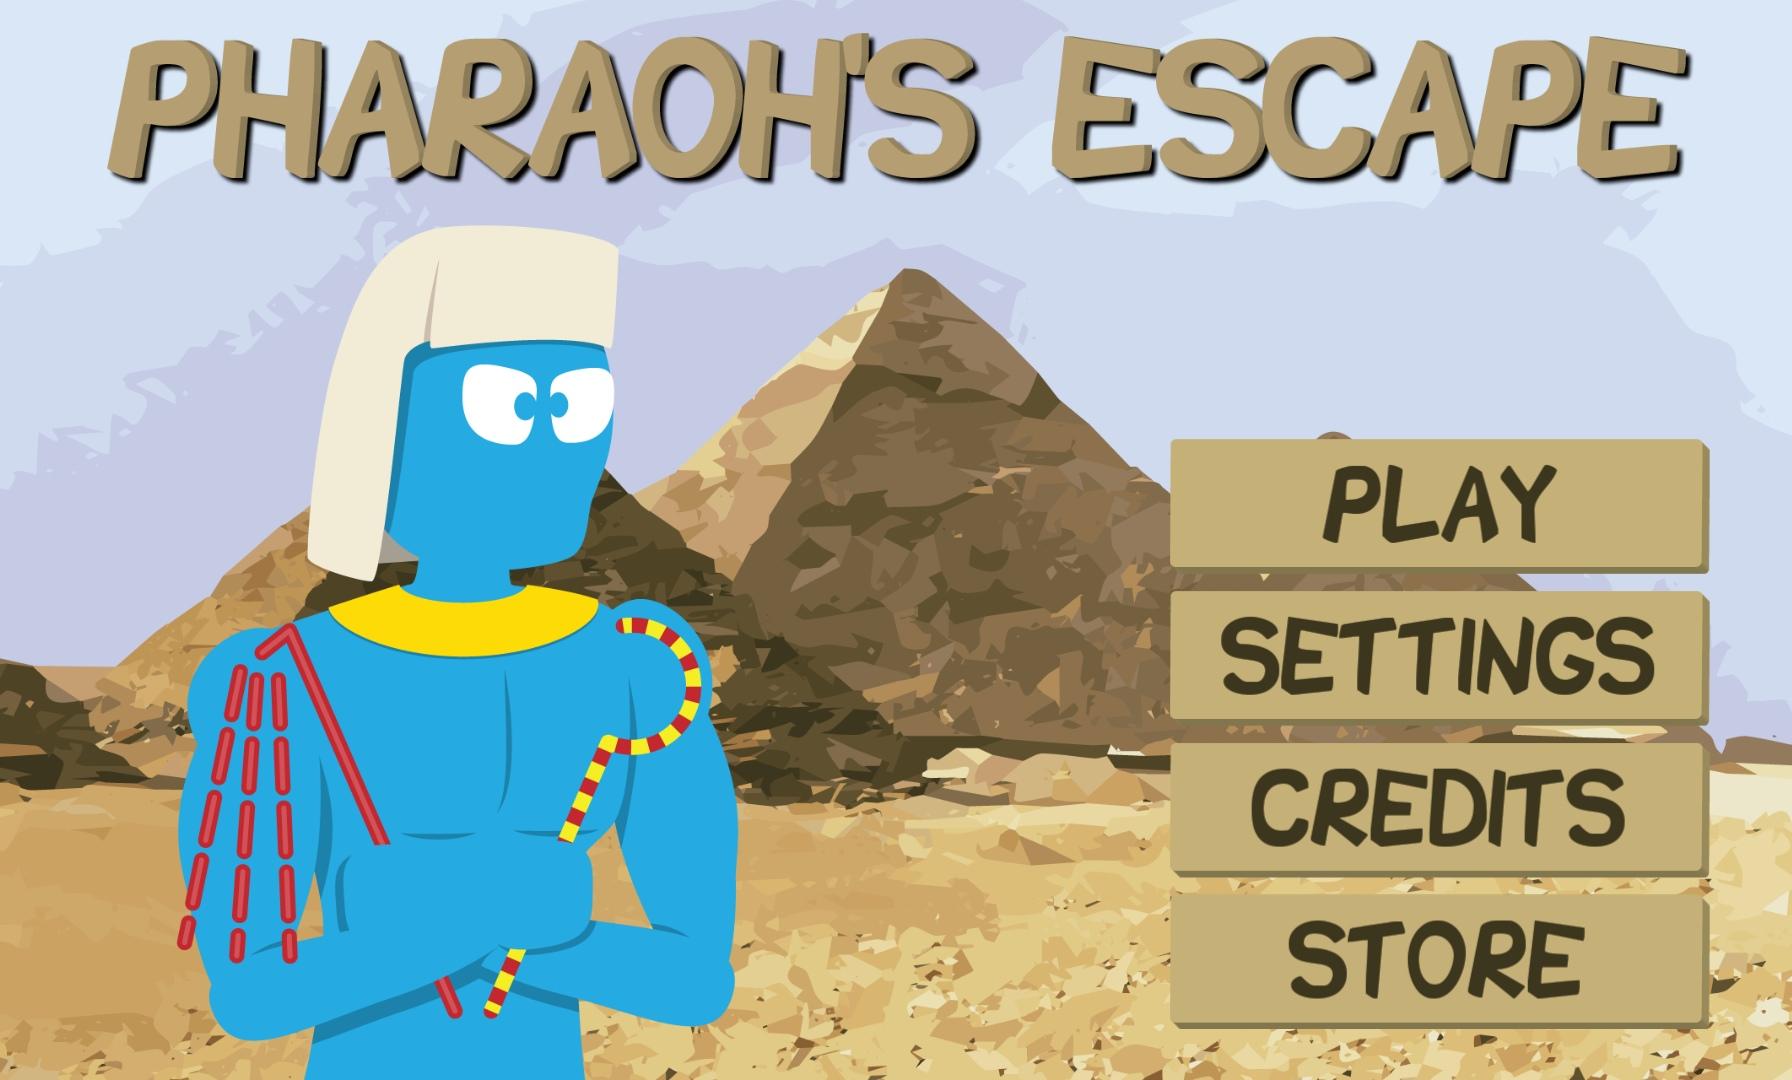 Pharaos Escape MainMenu